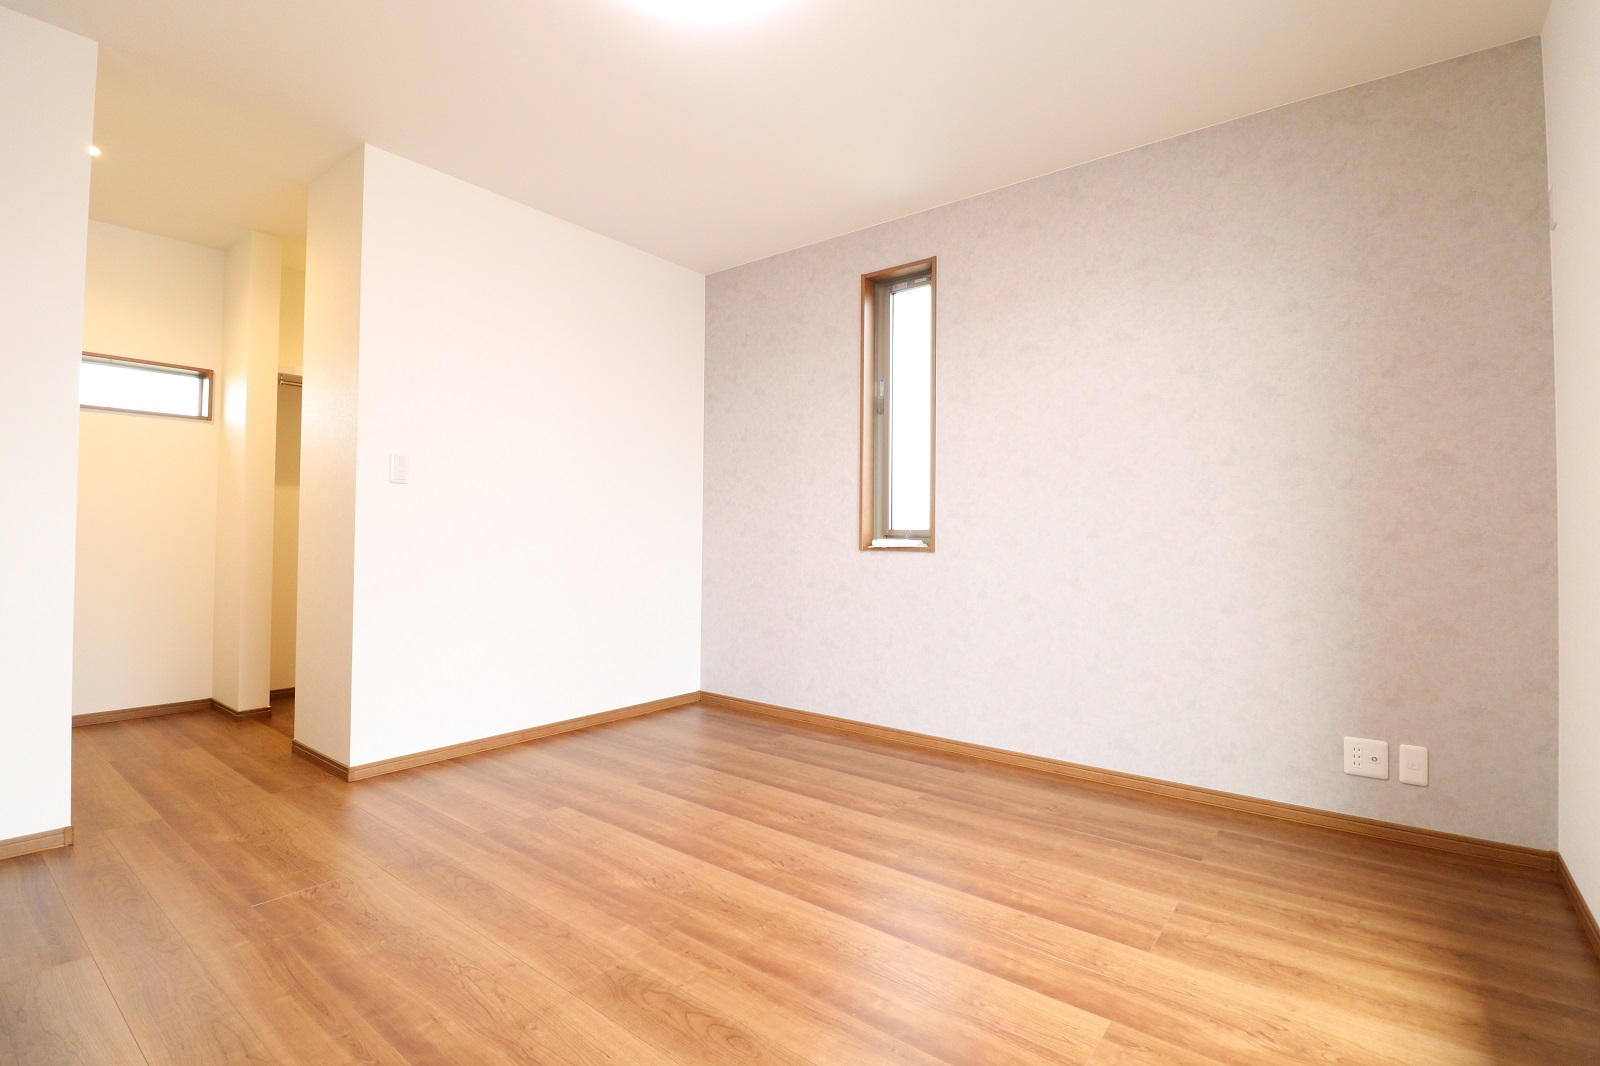 高松市林町の新築分譲住宅の寝室